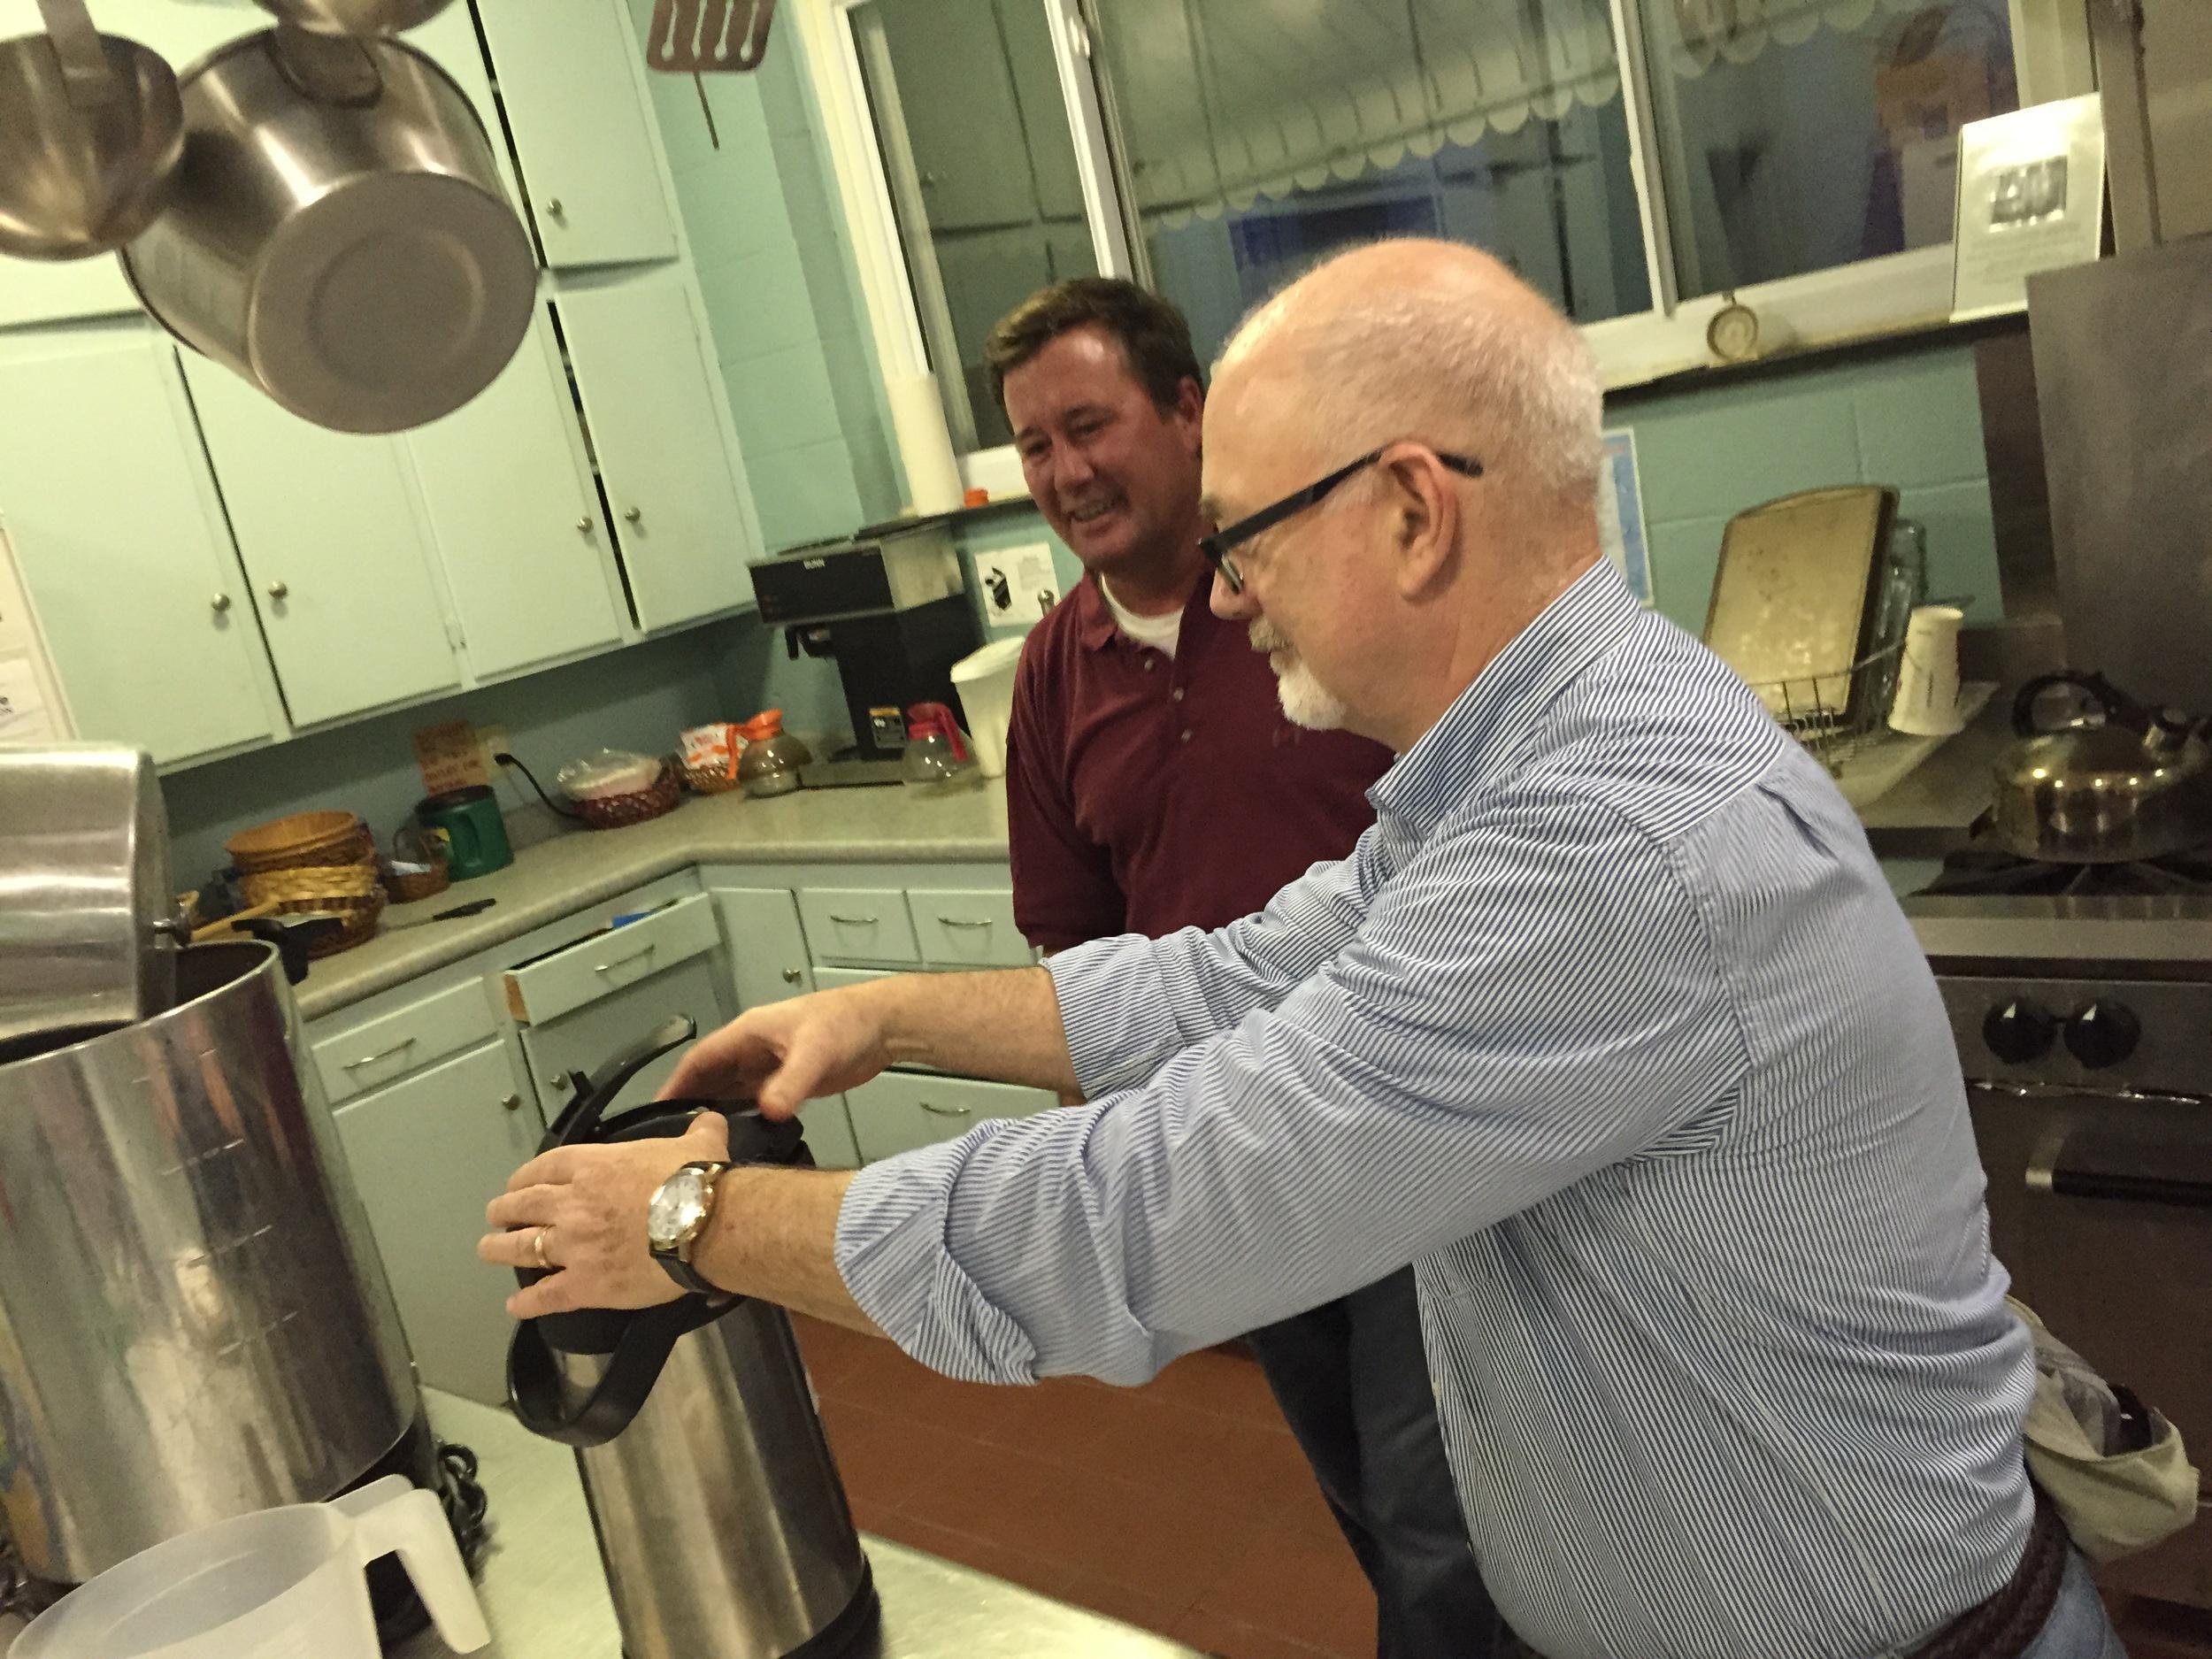 Dan prepares coffee